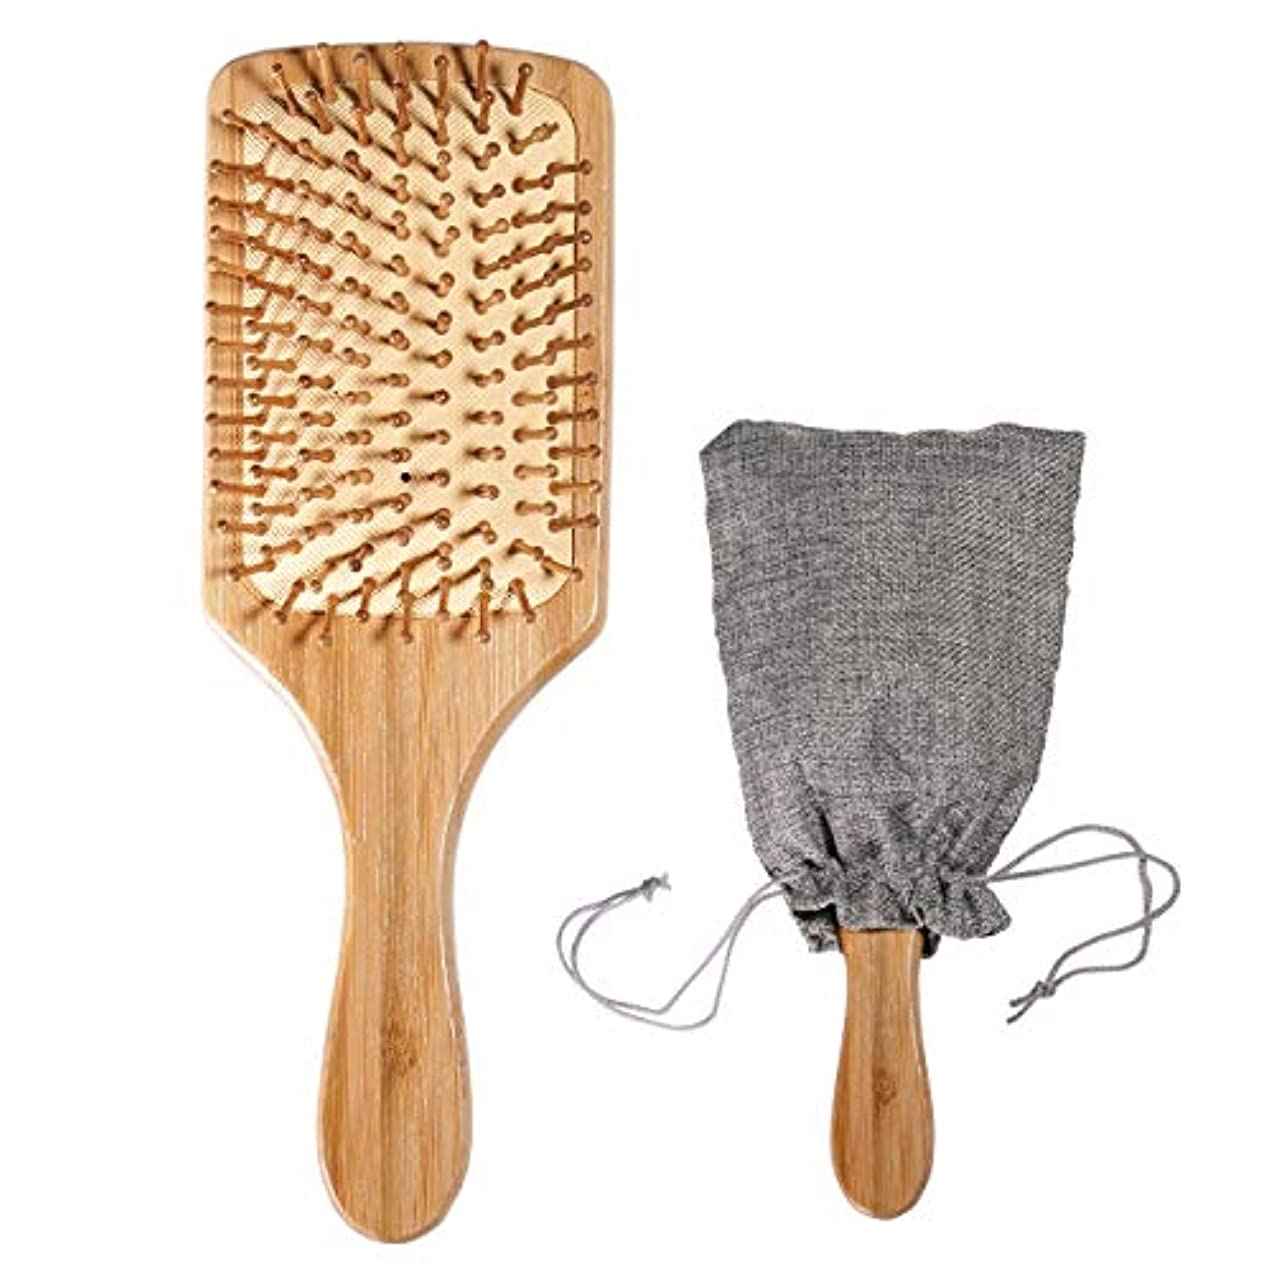 コミュニケーションドキュメンタリーぞっとするような木製 竹ヘアブラシ(頭皮マッサージ 美髪ケア)ブラシクリーナー&巾着 付き